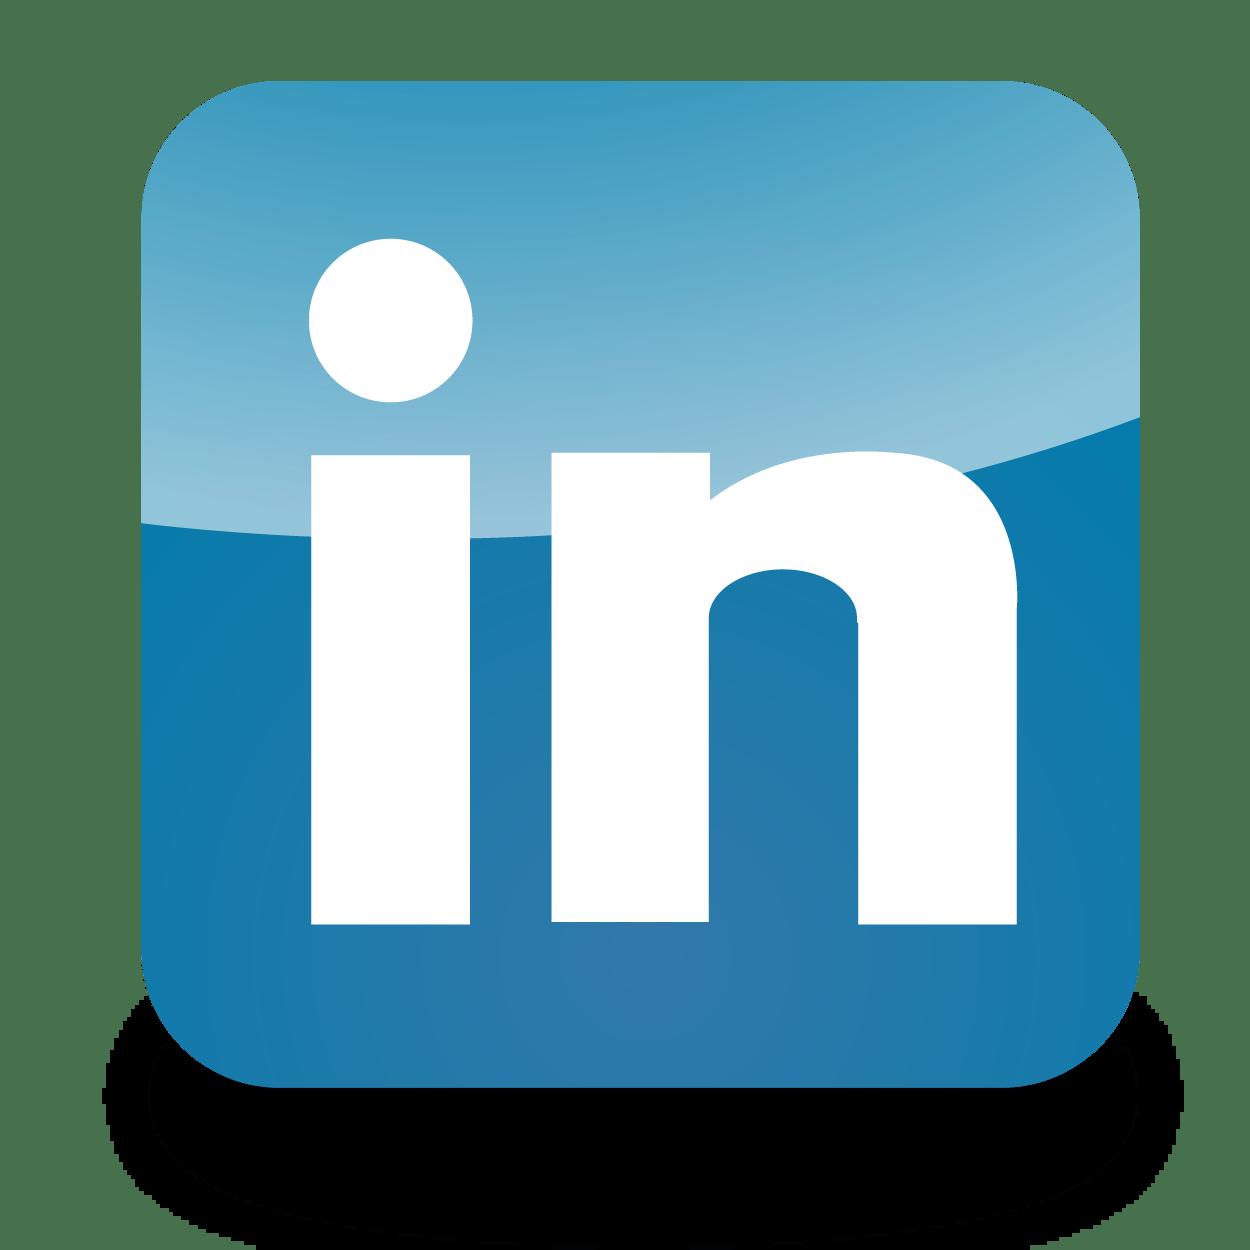 Cleaner  Launderer is now on youtube  Linkedin  Cleaner  Launderer